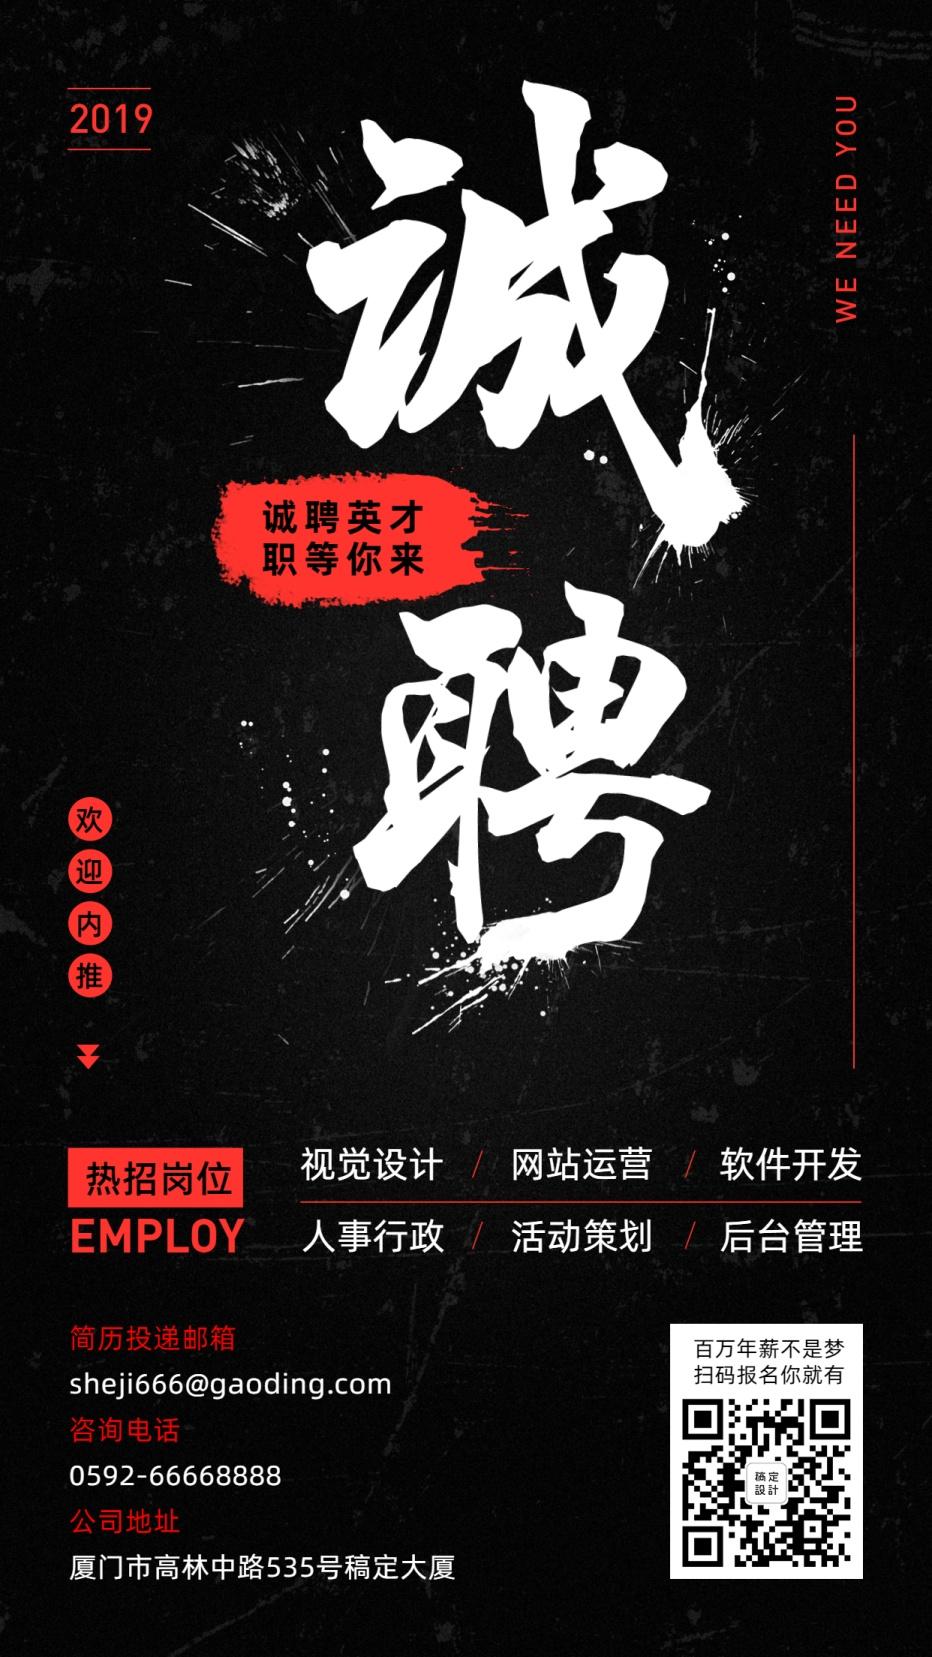 招聘信息公告商务简约酷炫手机海报